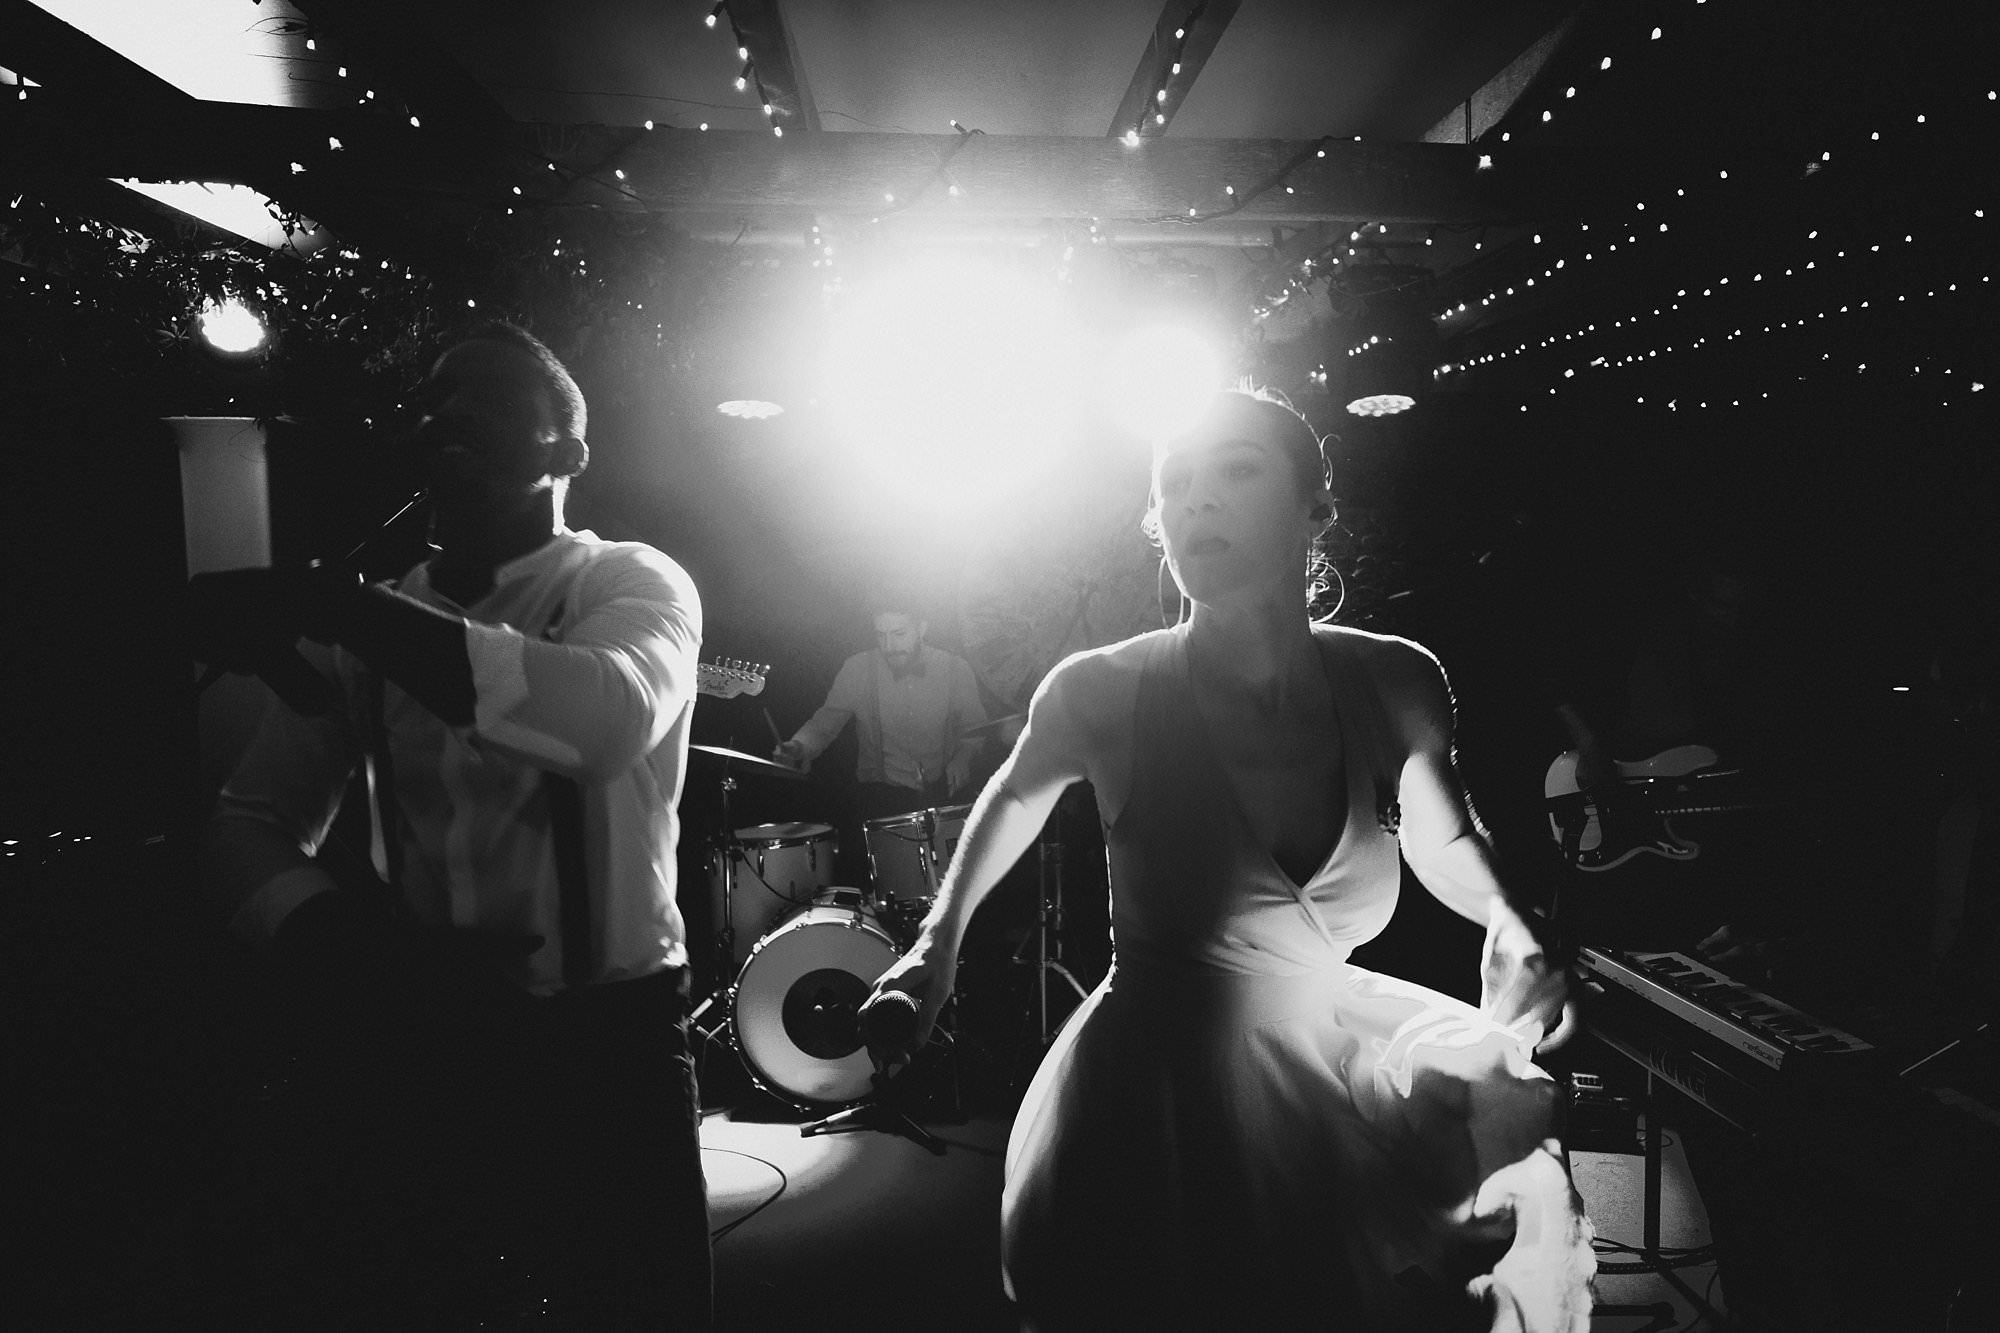 ashtead london wedding photographer 075 - Rachel & Jonny's Ashtead Wedding